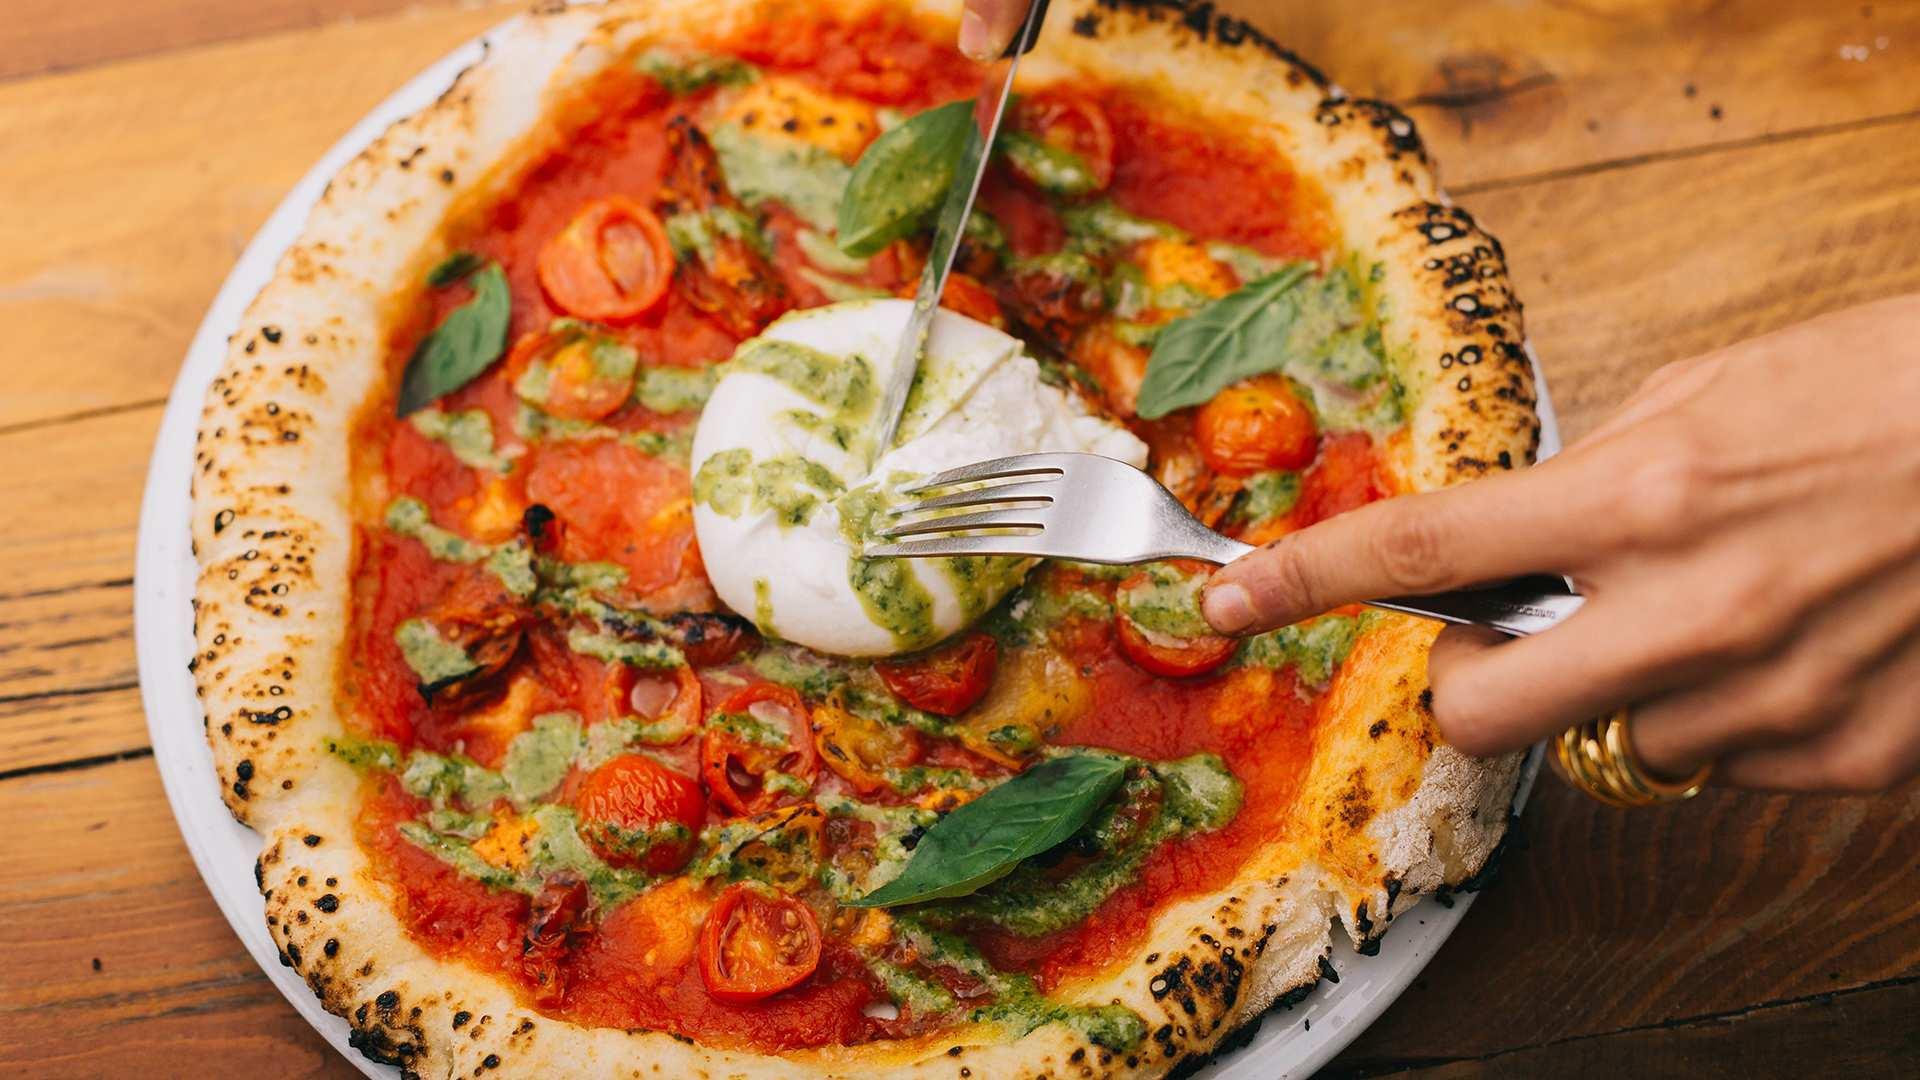 Grosso Napoletano estrena Senza Glutine, la primera pizzería sin gluten de España